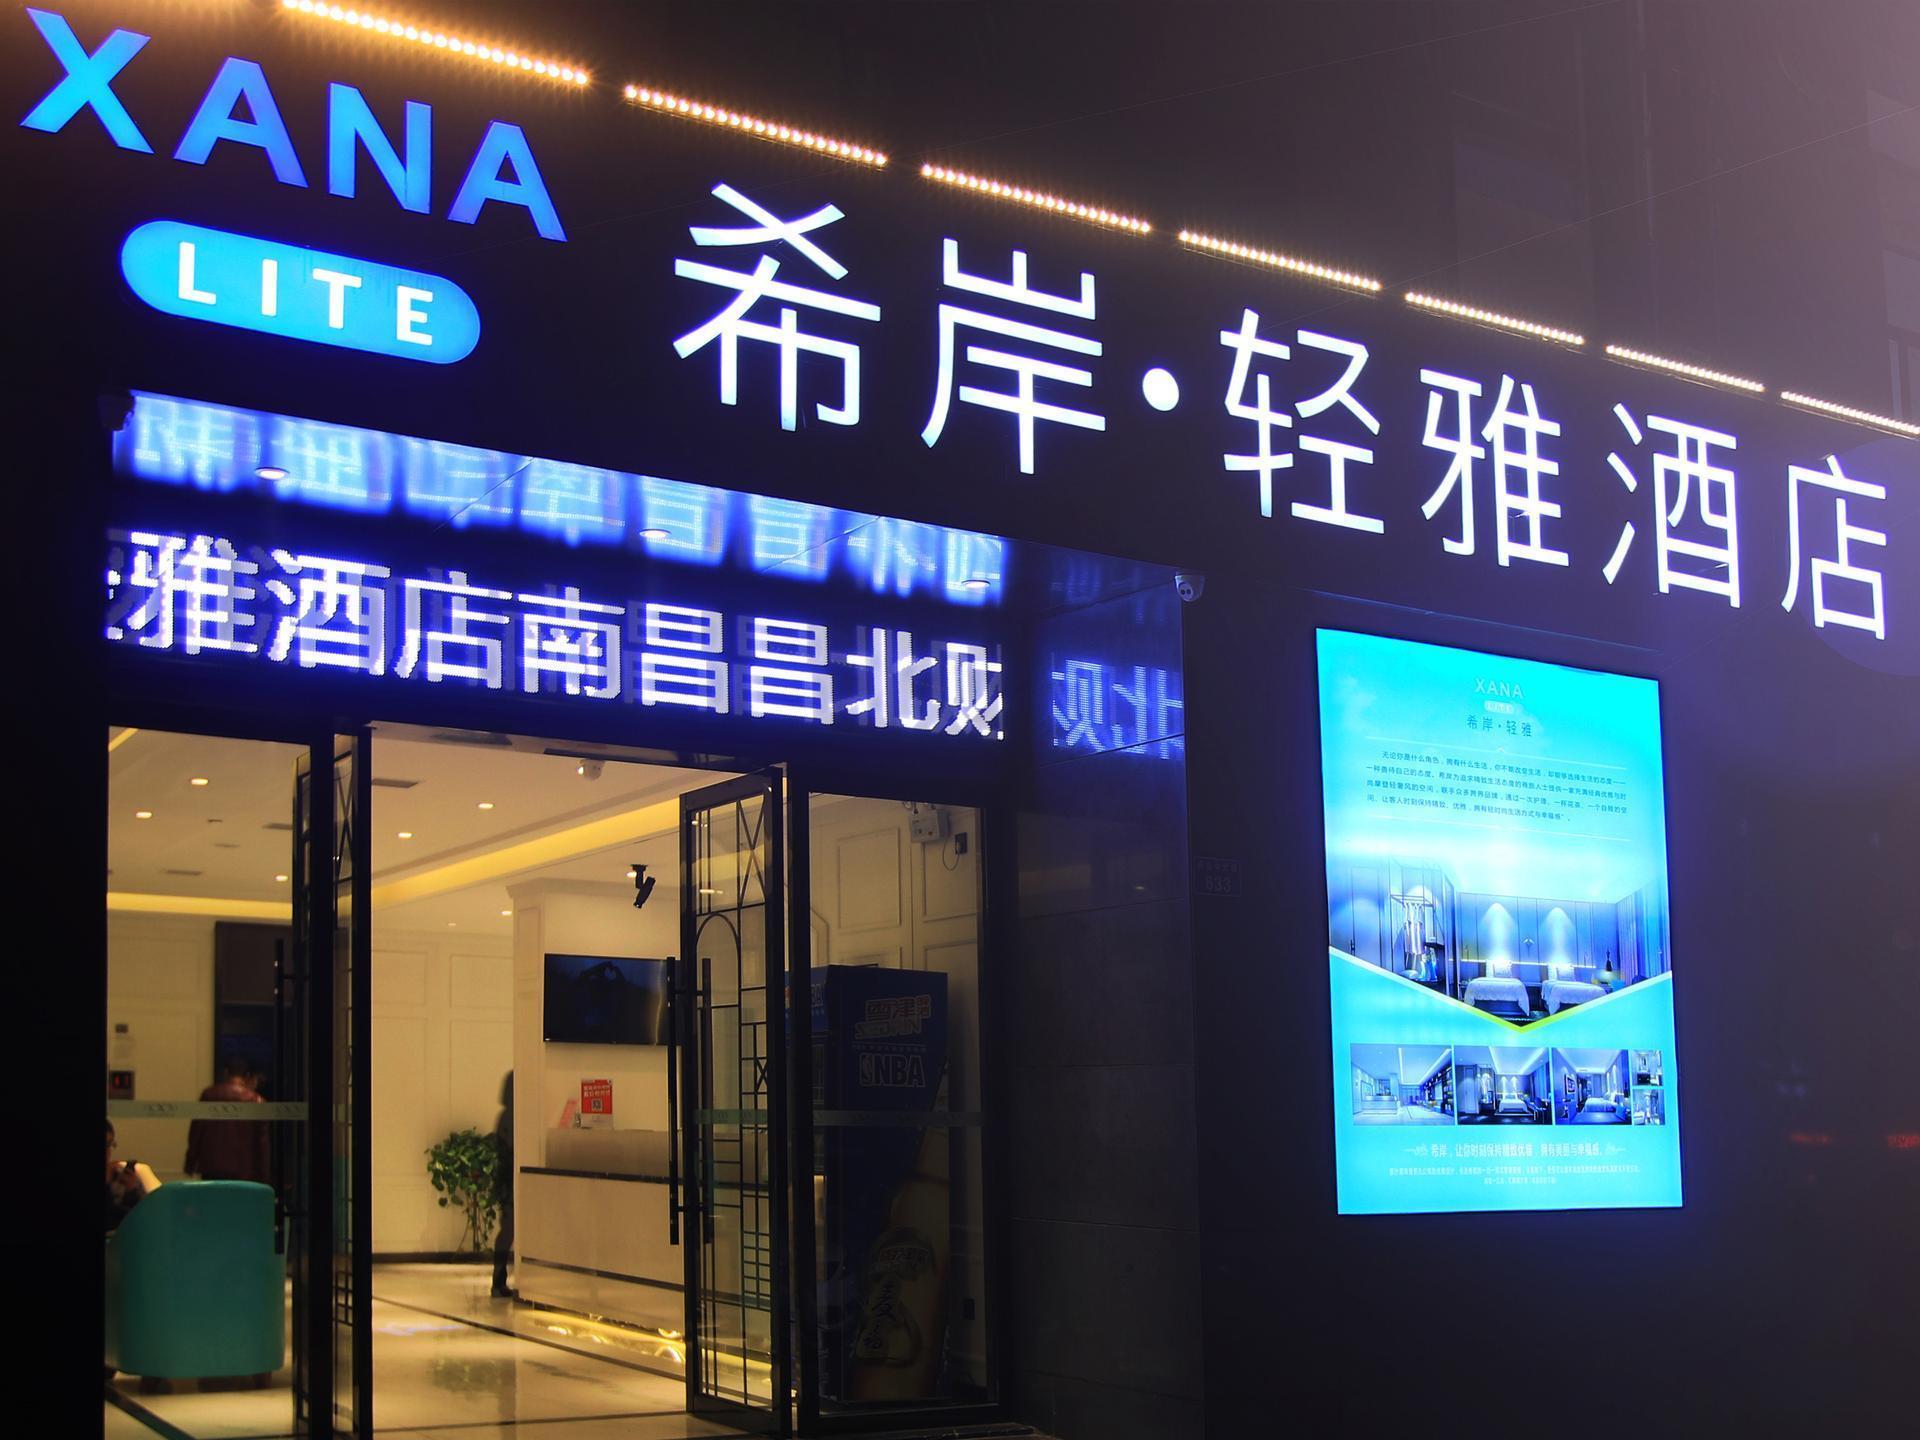 Xana Lite�Nanchang Changbei Jiangxi University Of Finance And Economics